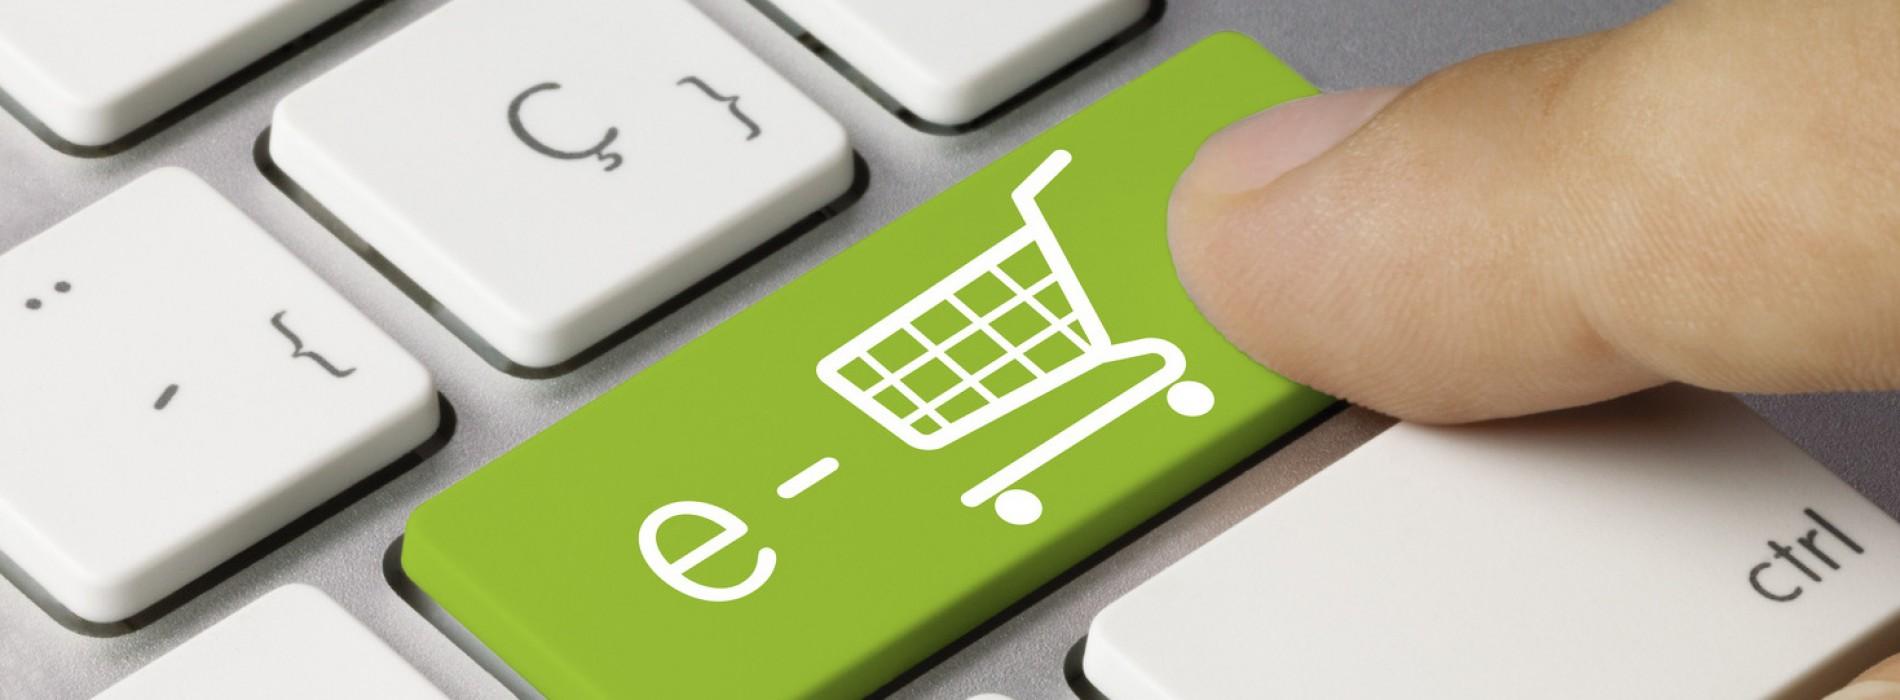 Online Satış İçin Tıklayınız.